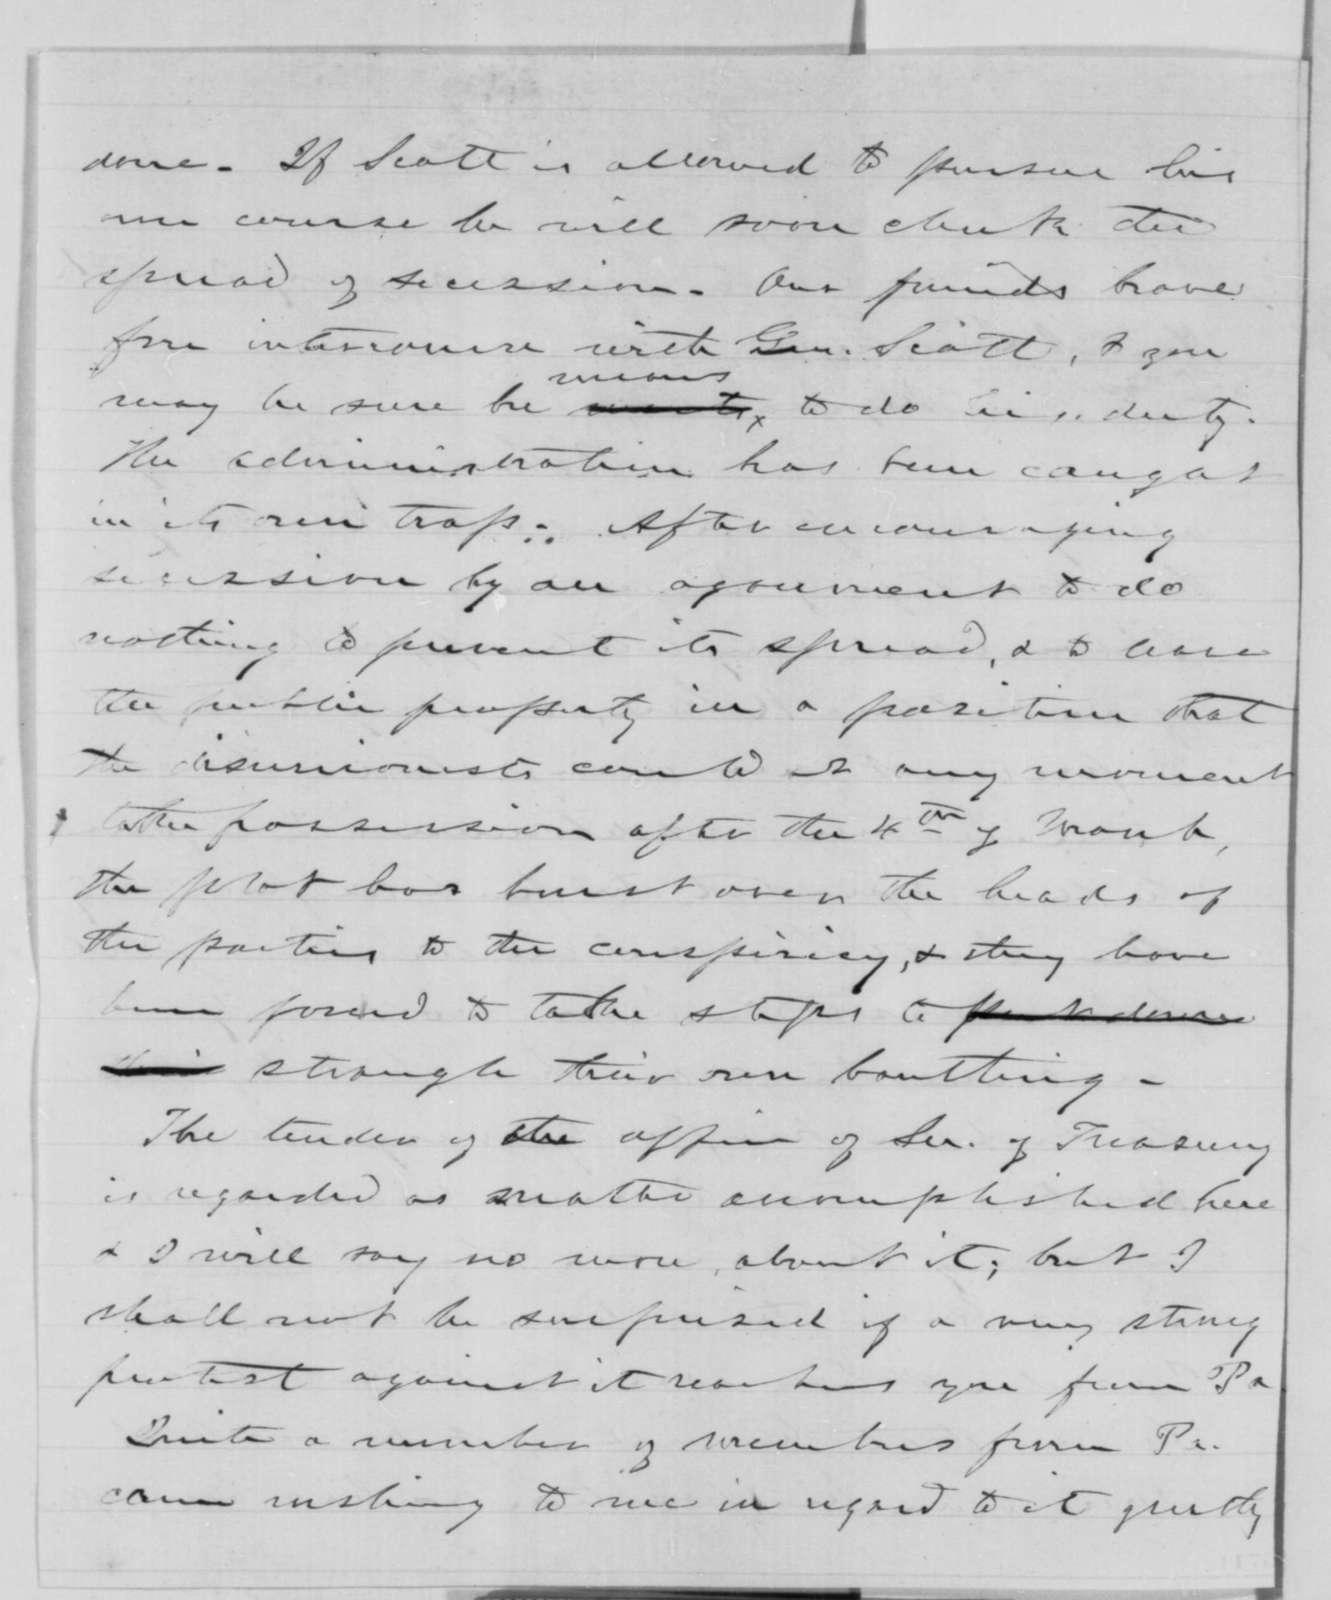 Lyman Trumbull to Abraham Lincoln, Thursday, January 03, 1861  (Buchanan's policy towards South Carolina)